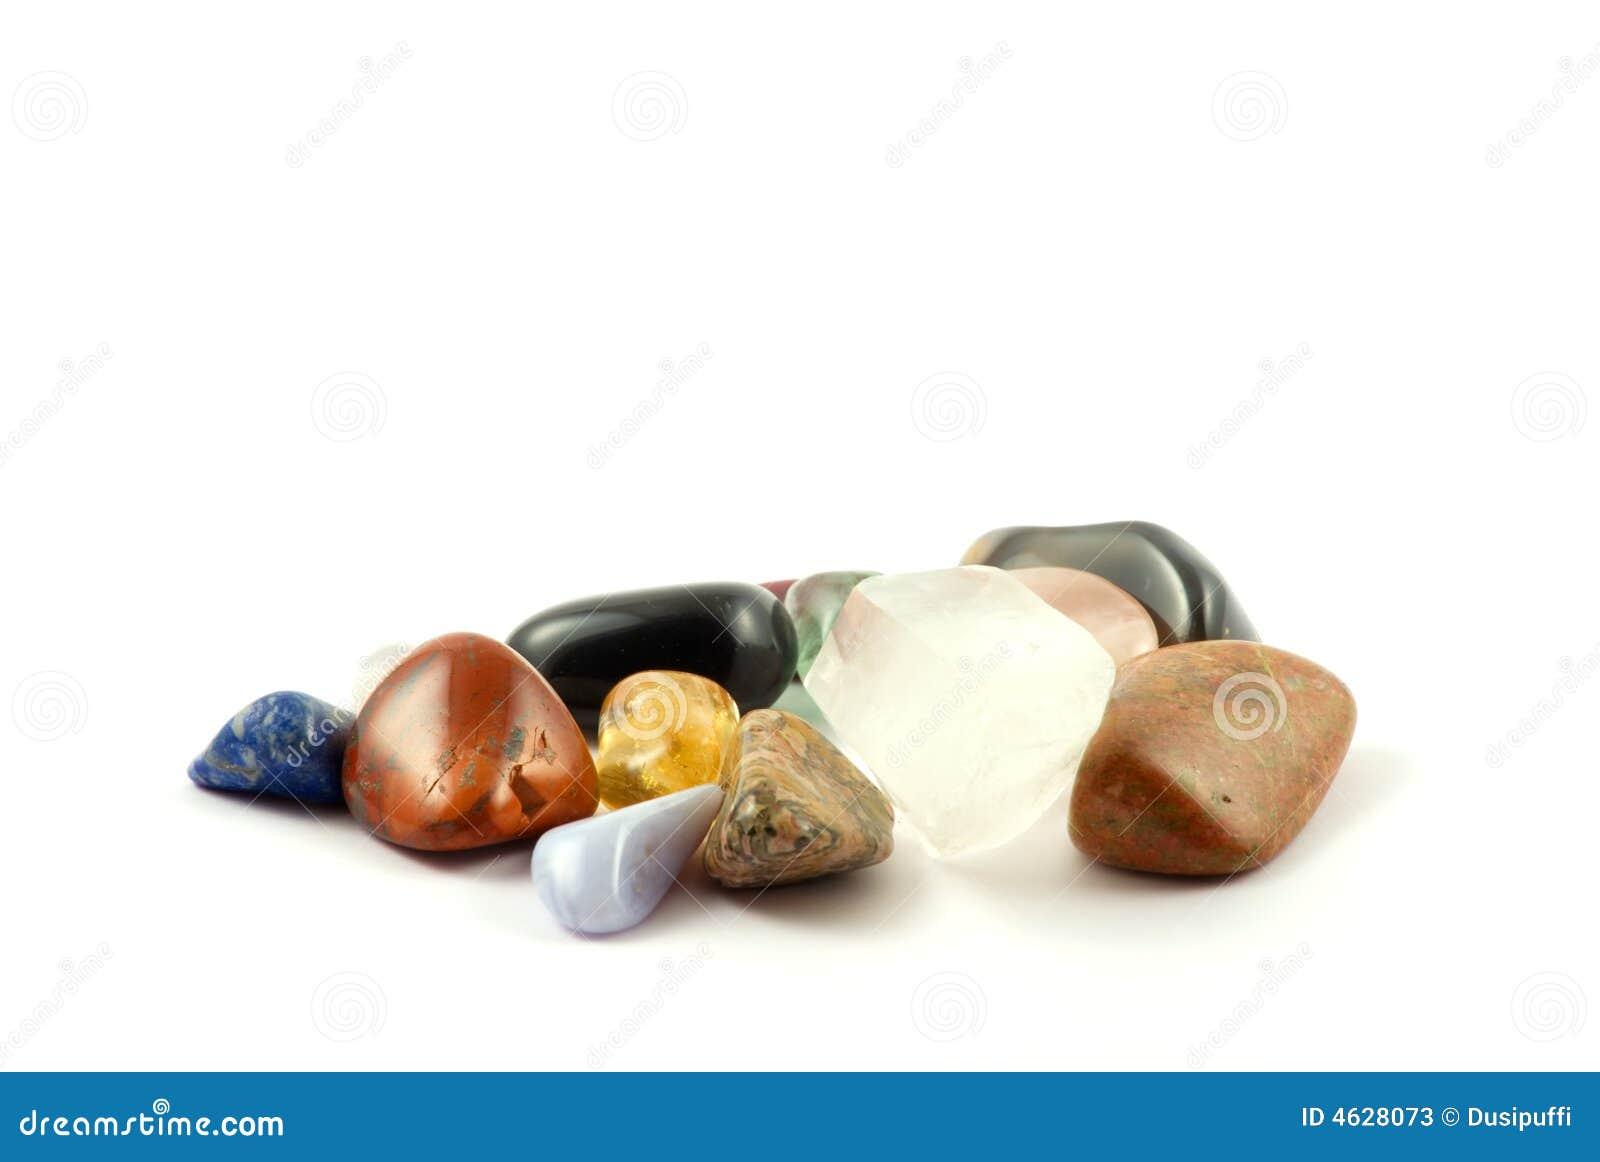 Cristais de rocha